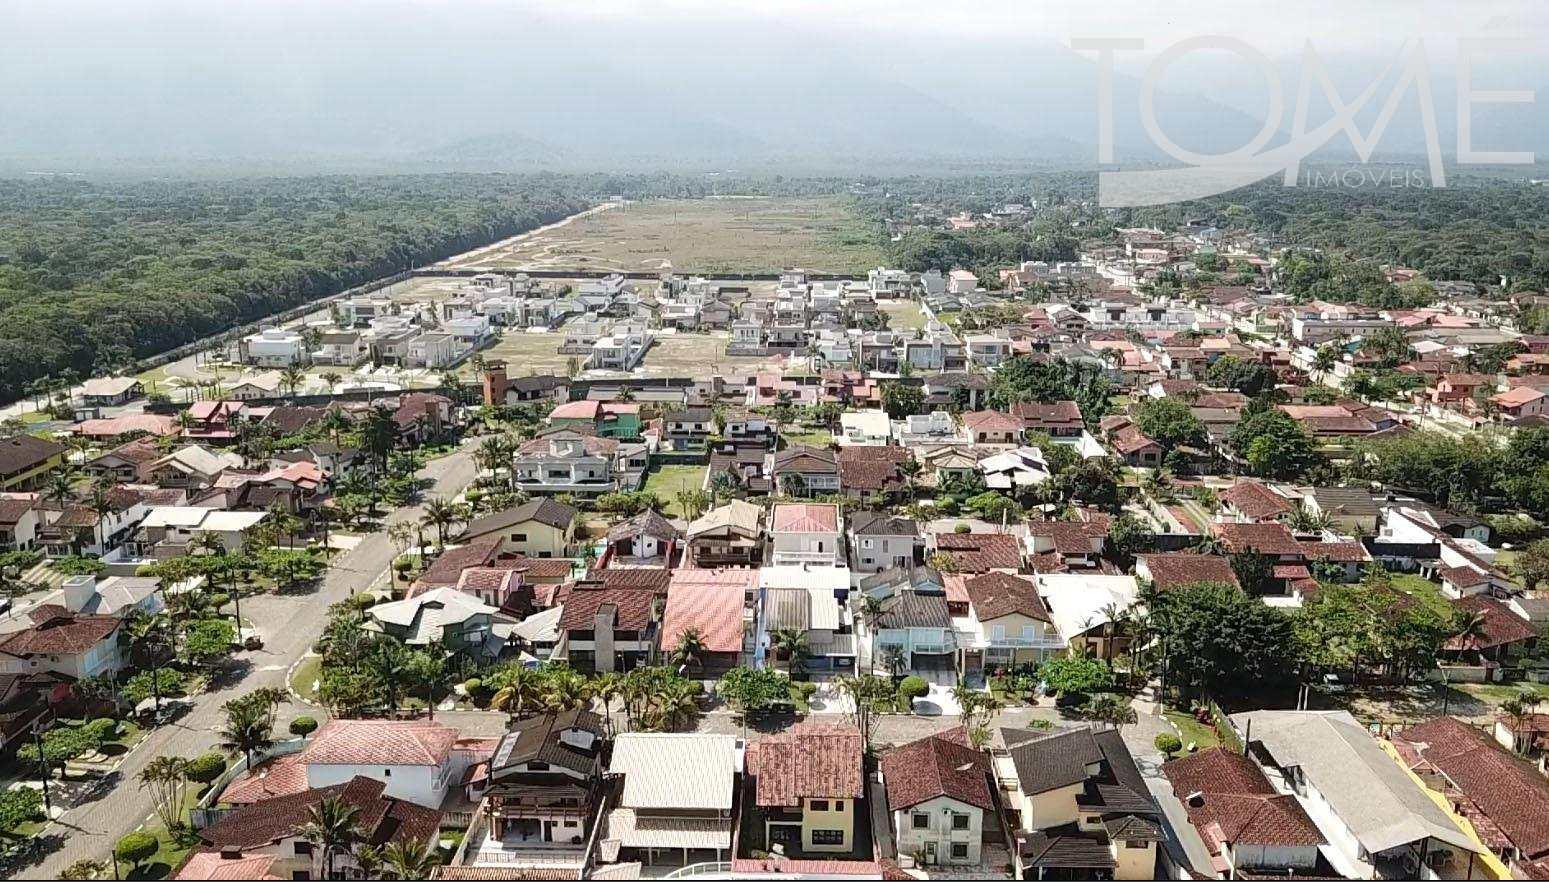 Vista aerea 03 Bougainville 3 e 4